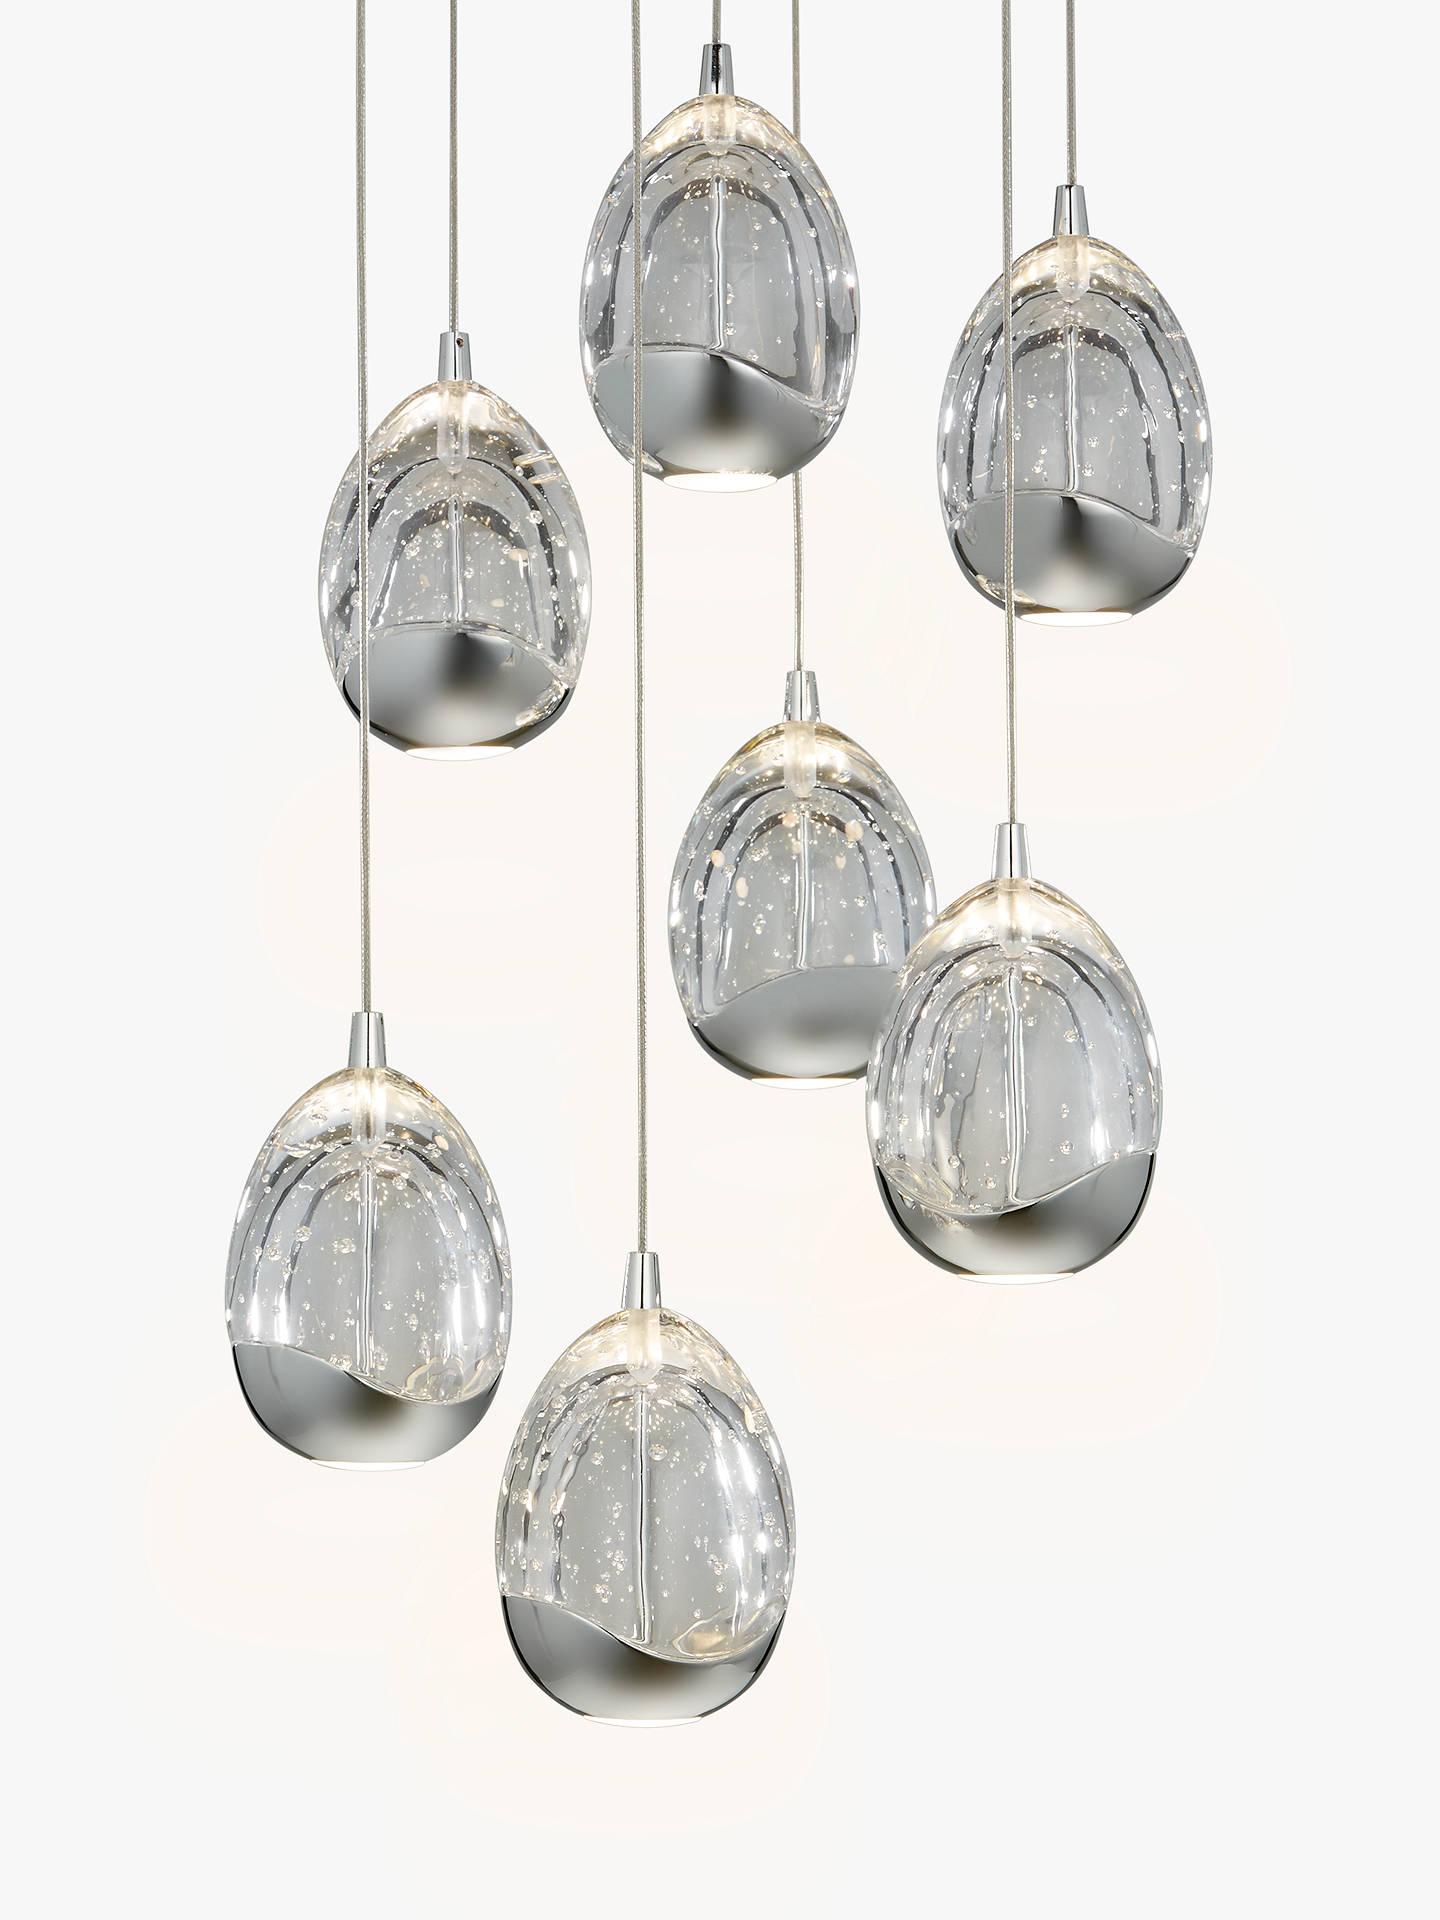 John Lewis & Partners Droplet Led Pendant Ceiling Light, 7 Light, Chrome by John Lewis & Partners